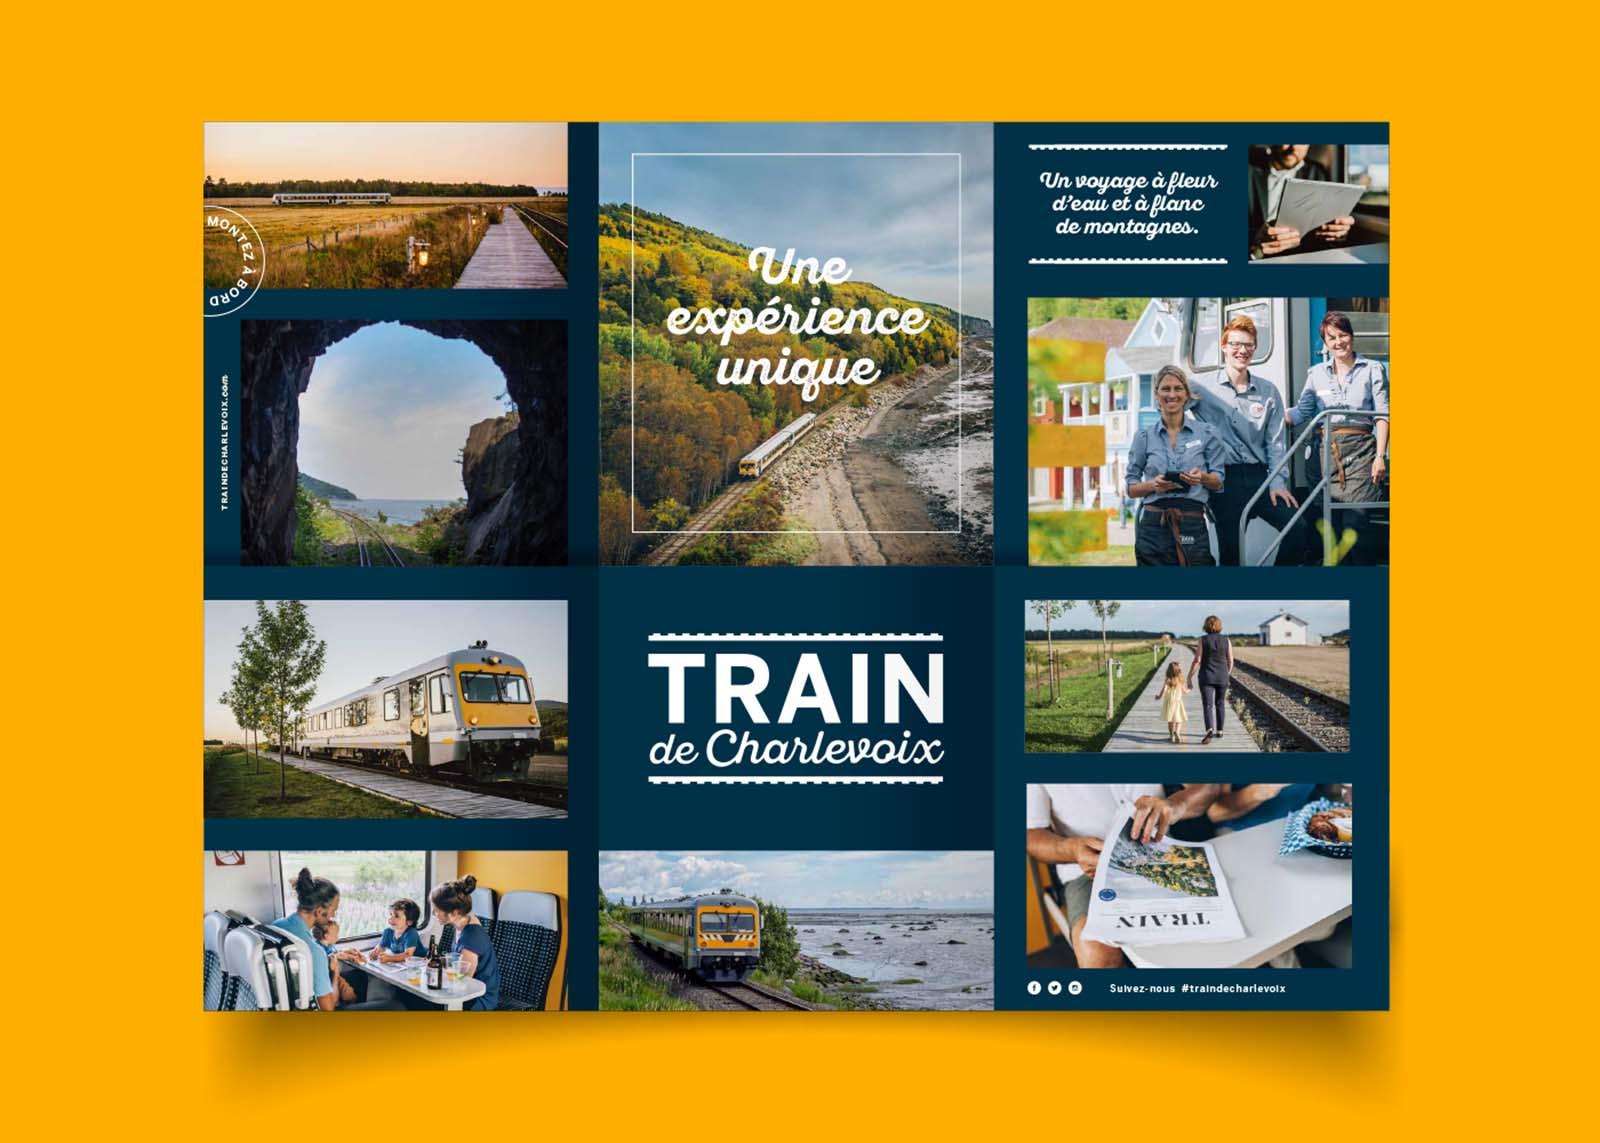 Train de Charlevoix - depliant